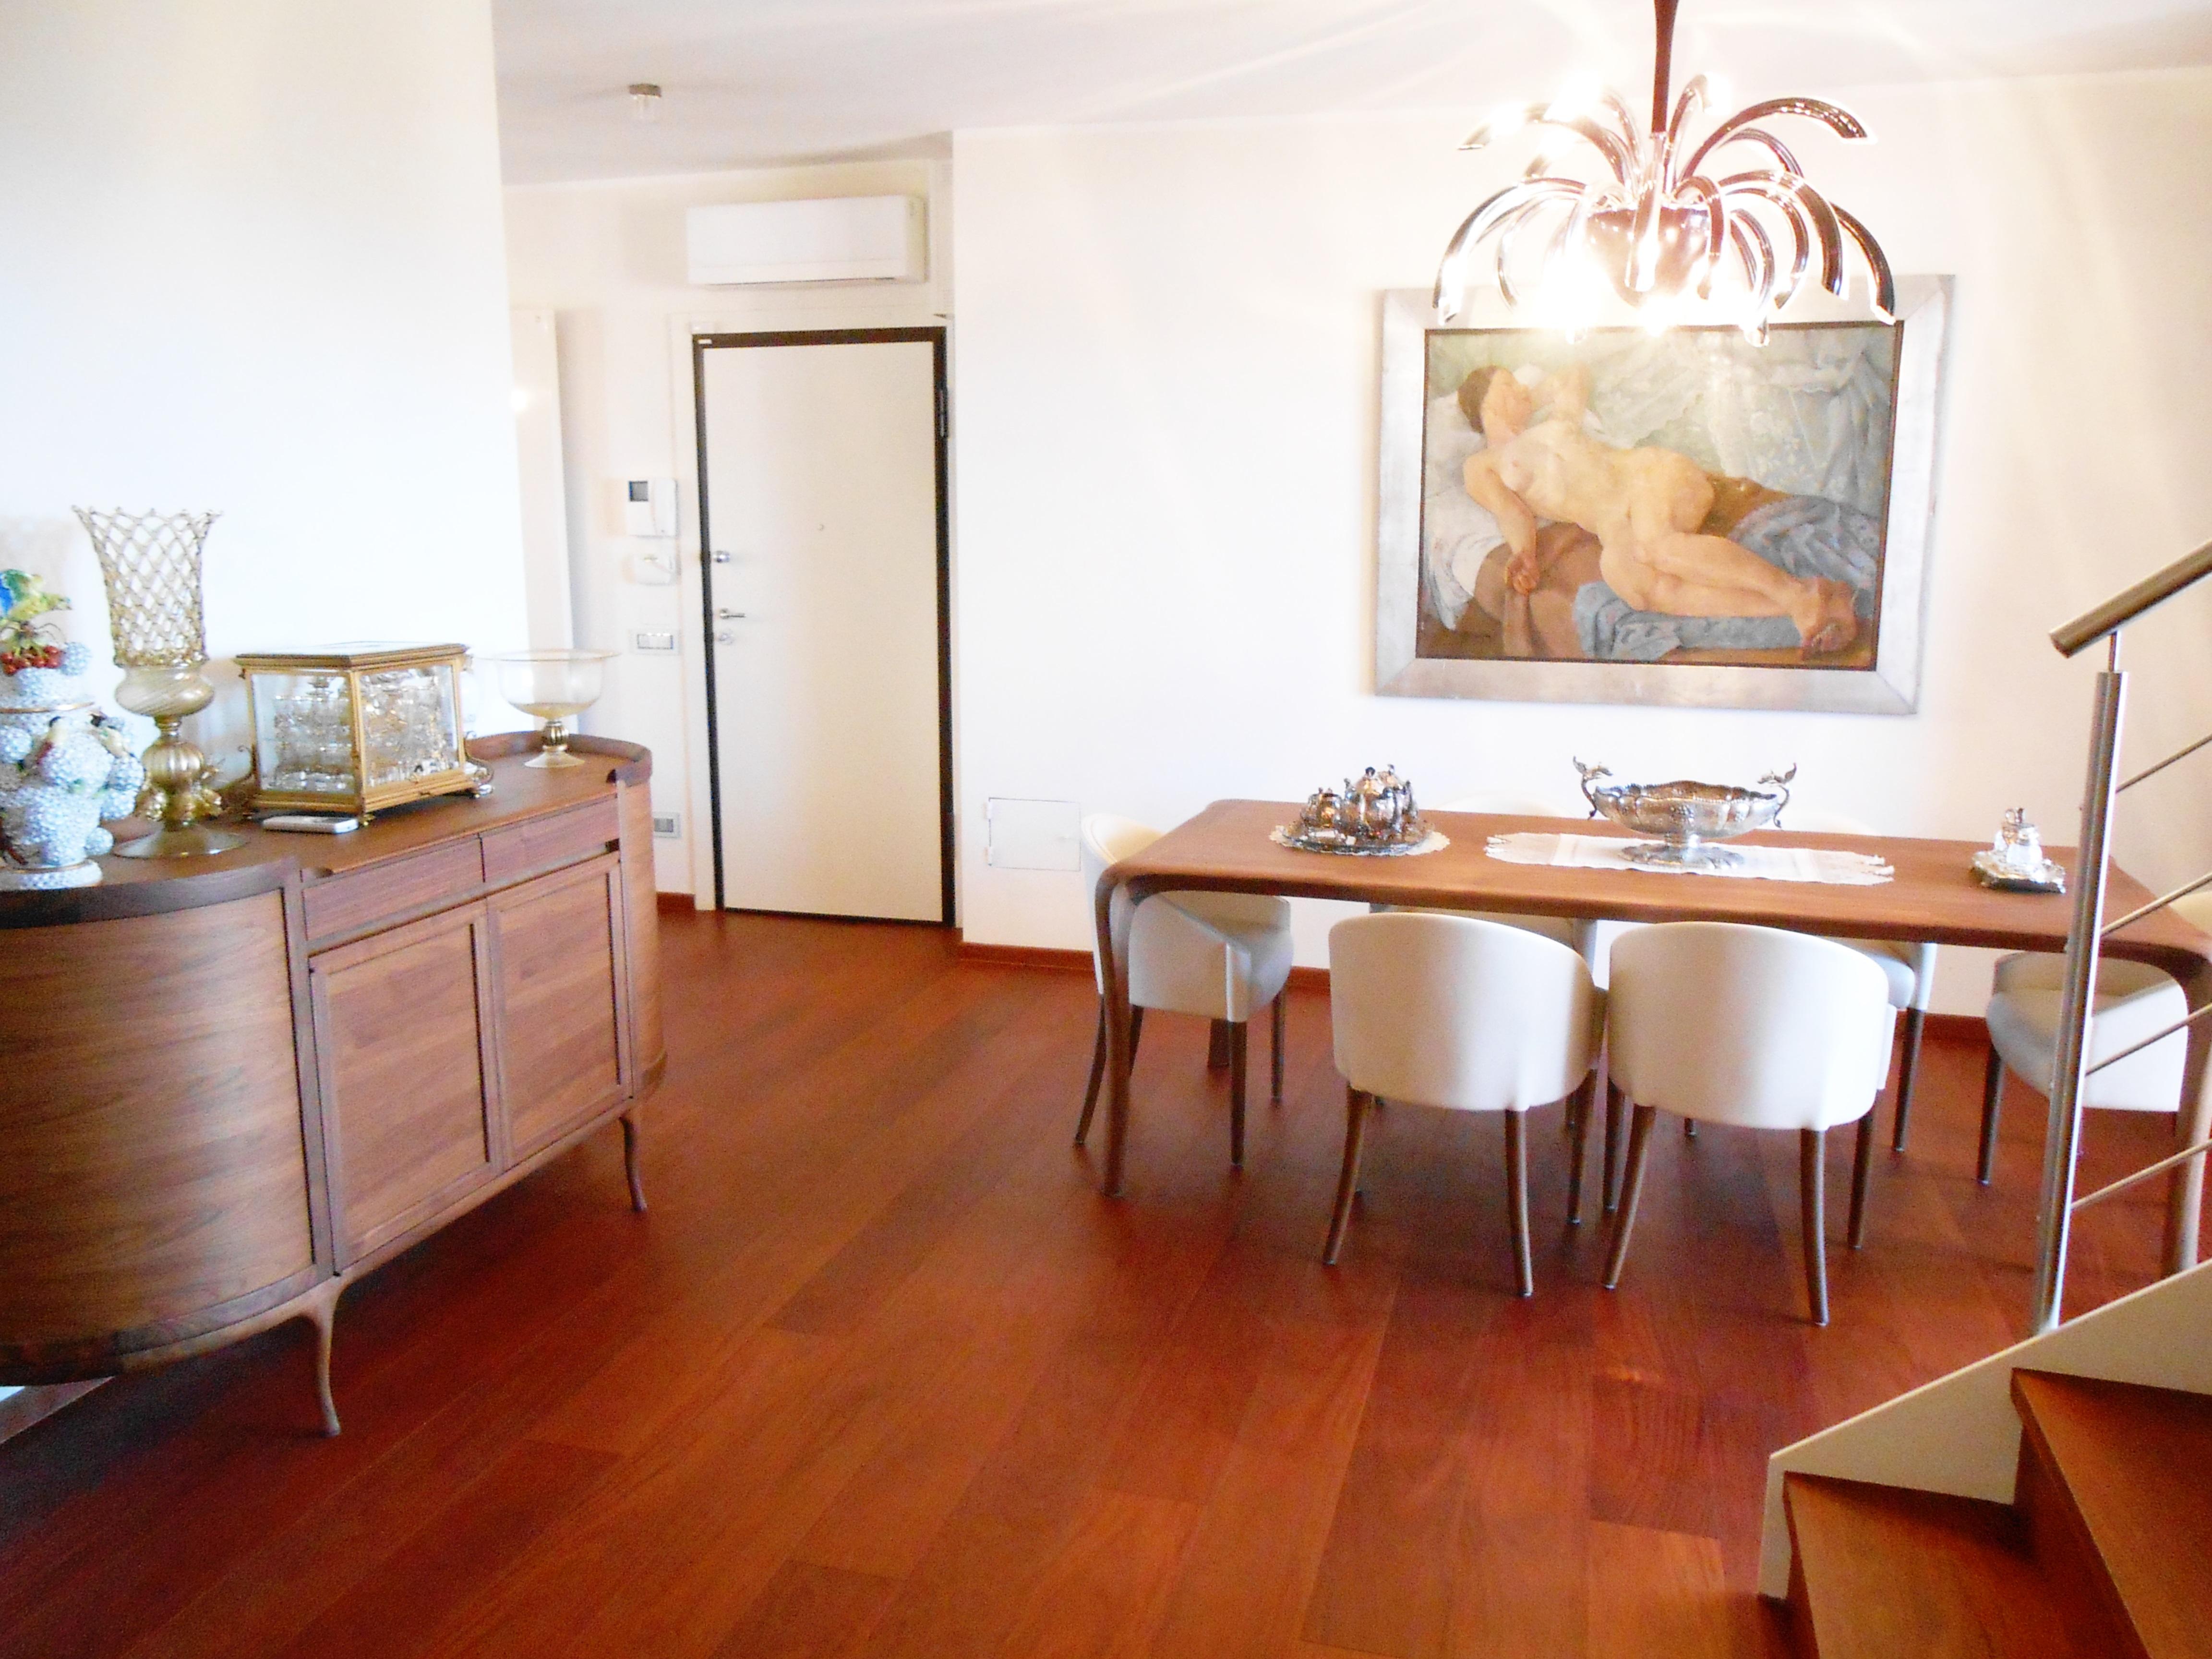 Gabriele d 39 annunzio pressi f1002 promid immobiliare for Bagno d annunzio